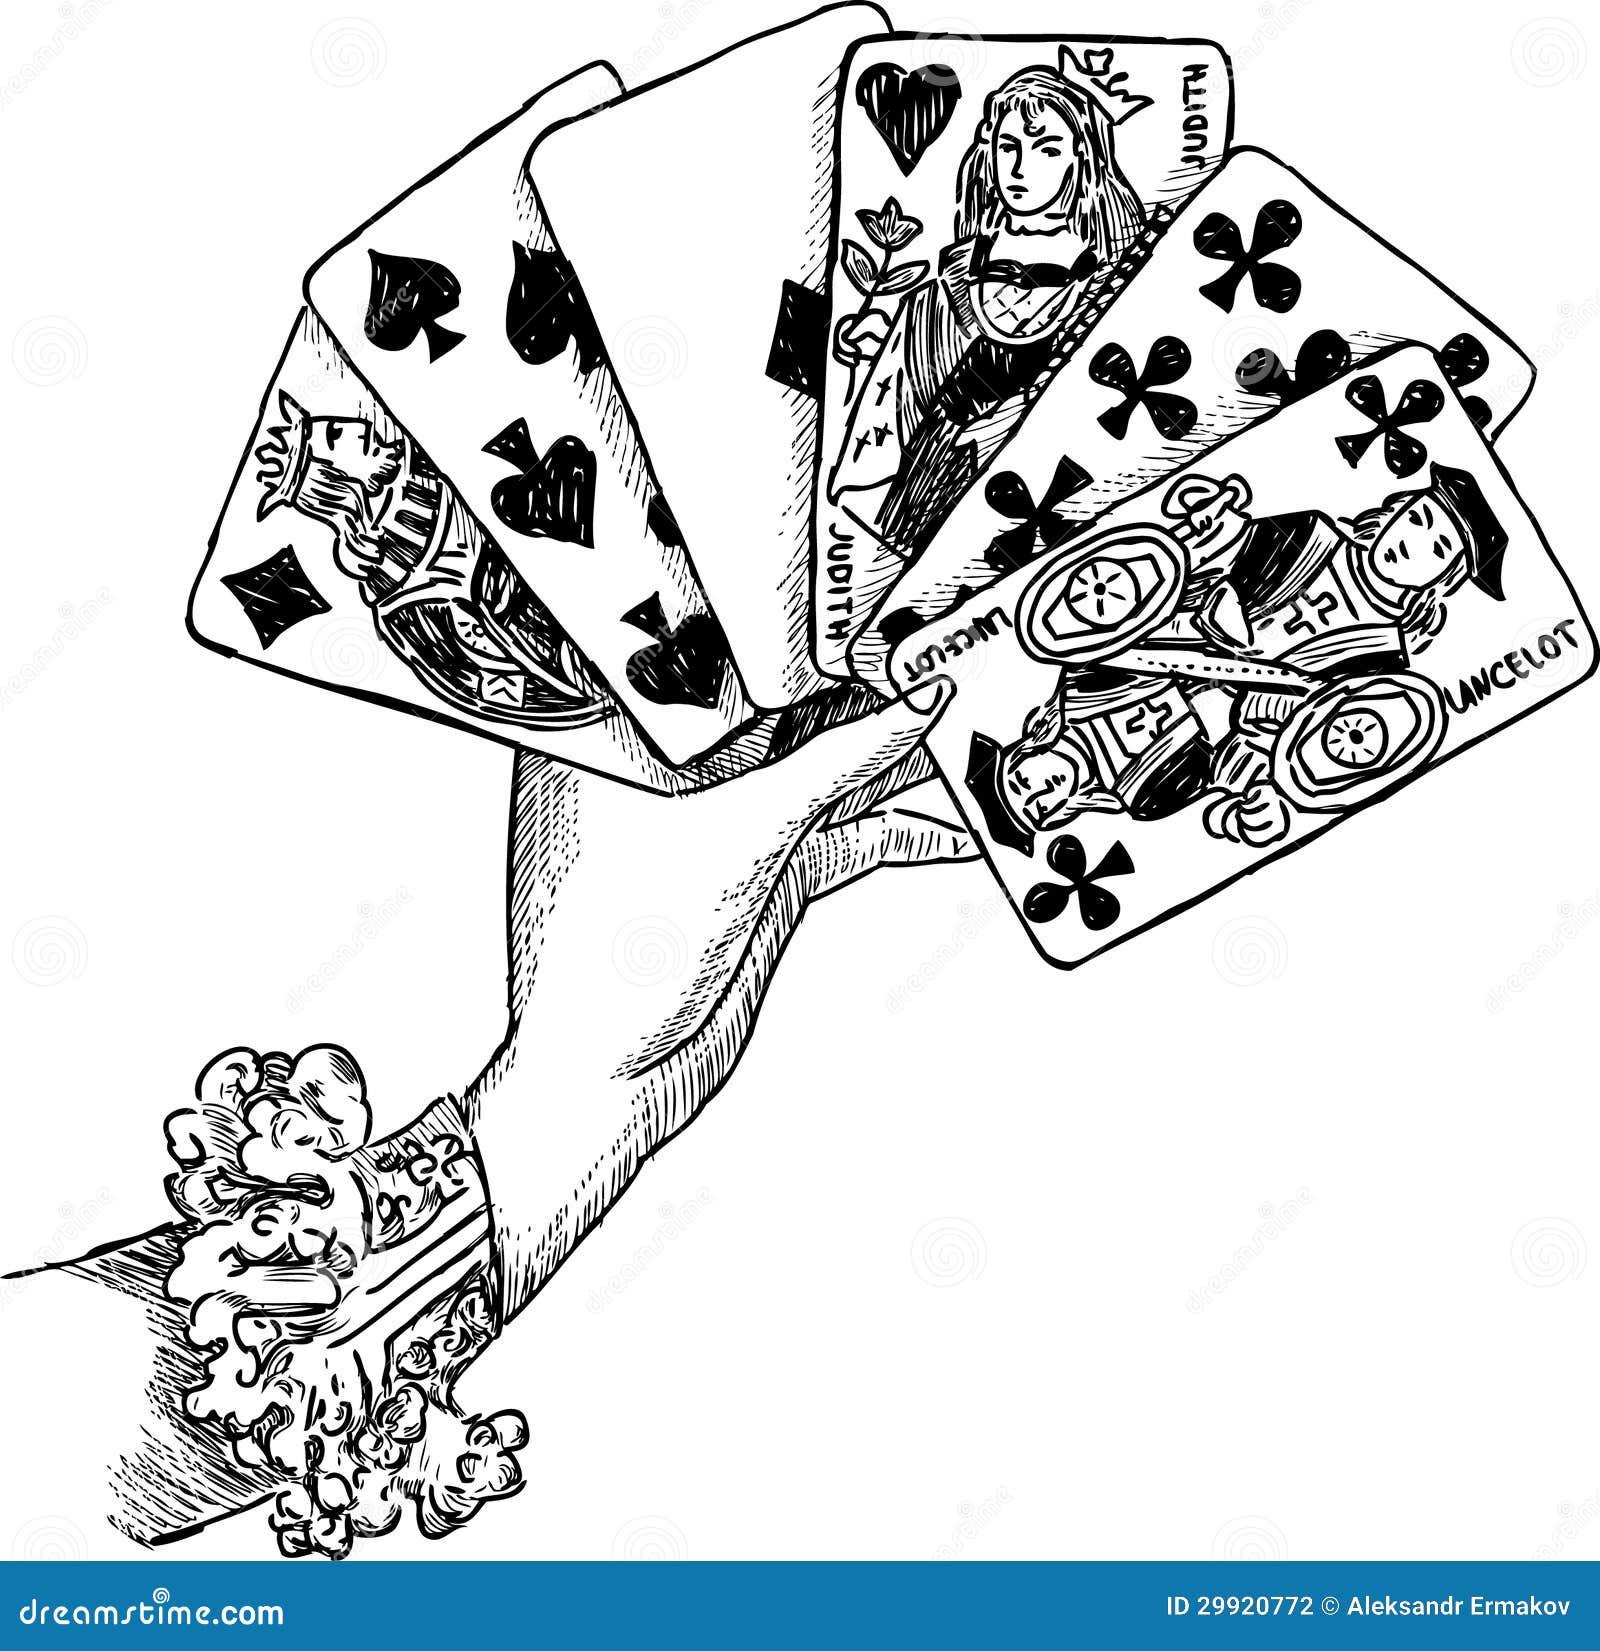 roulette spel gratis Oskarshamn